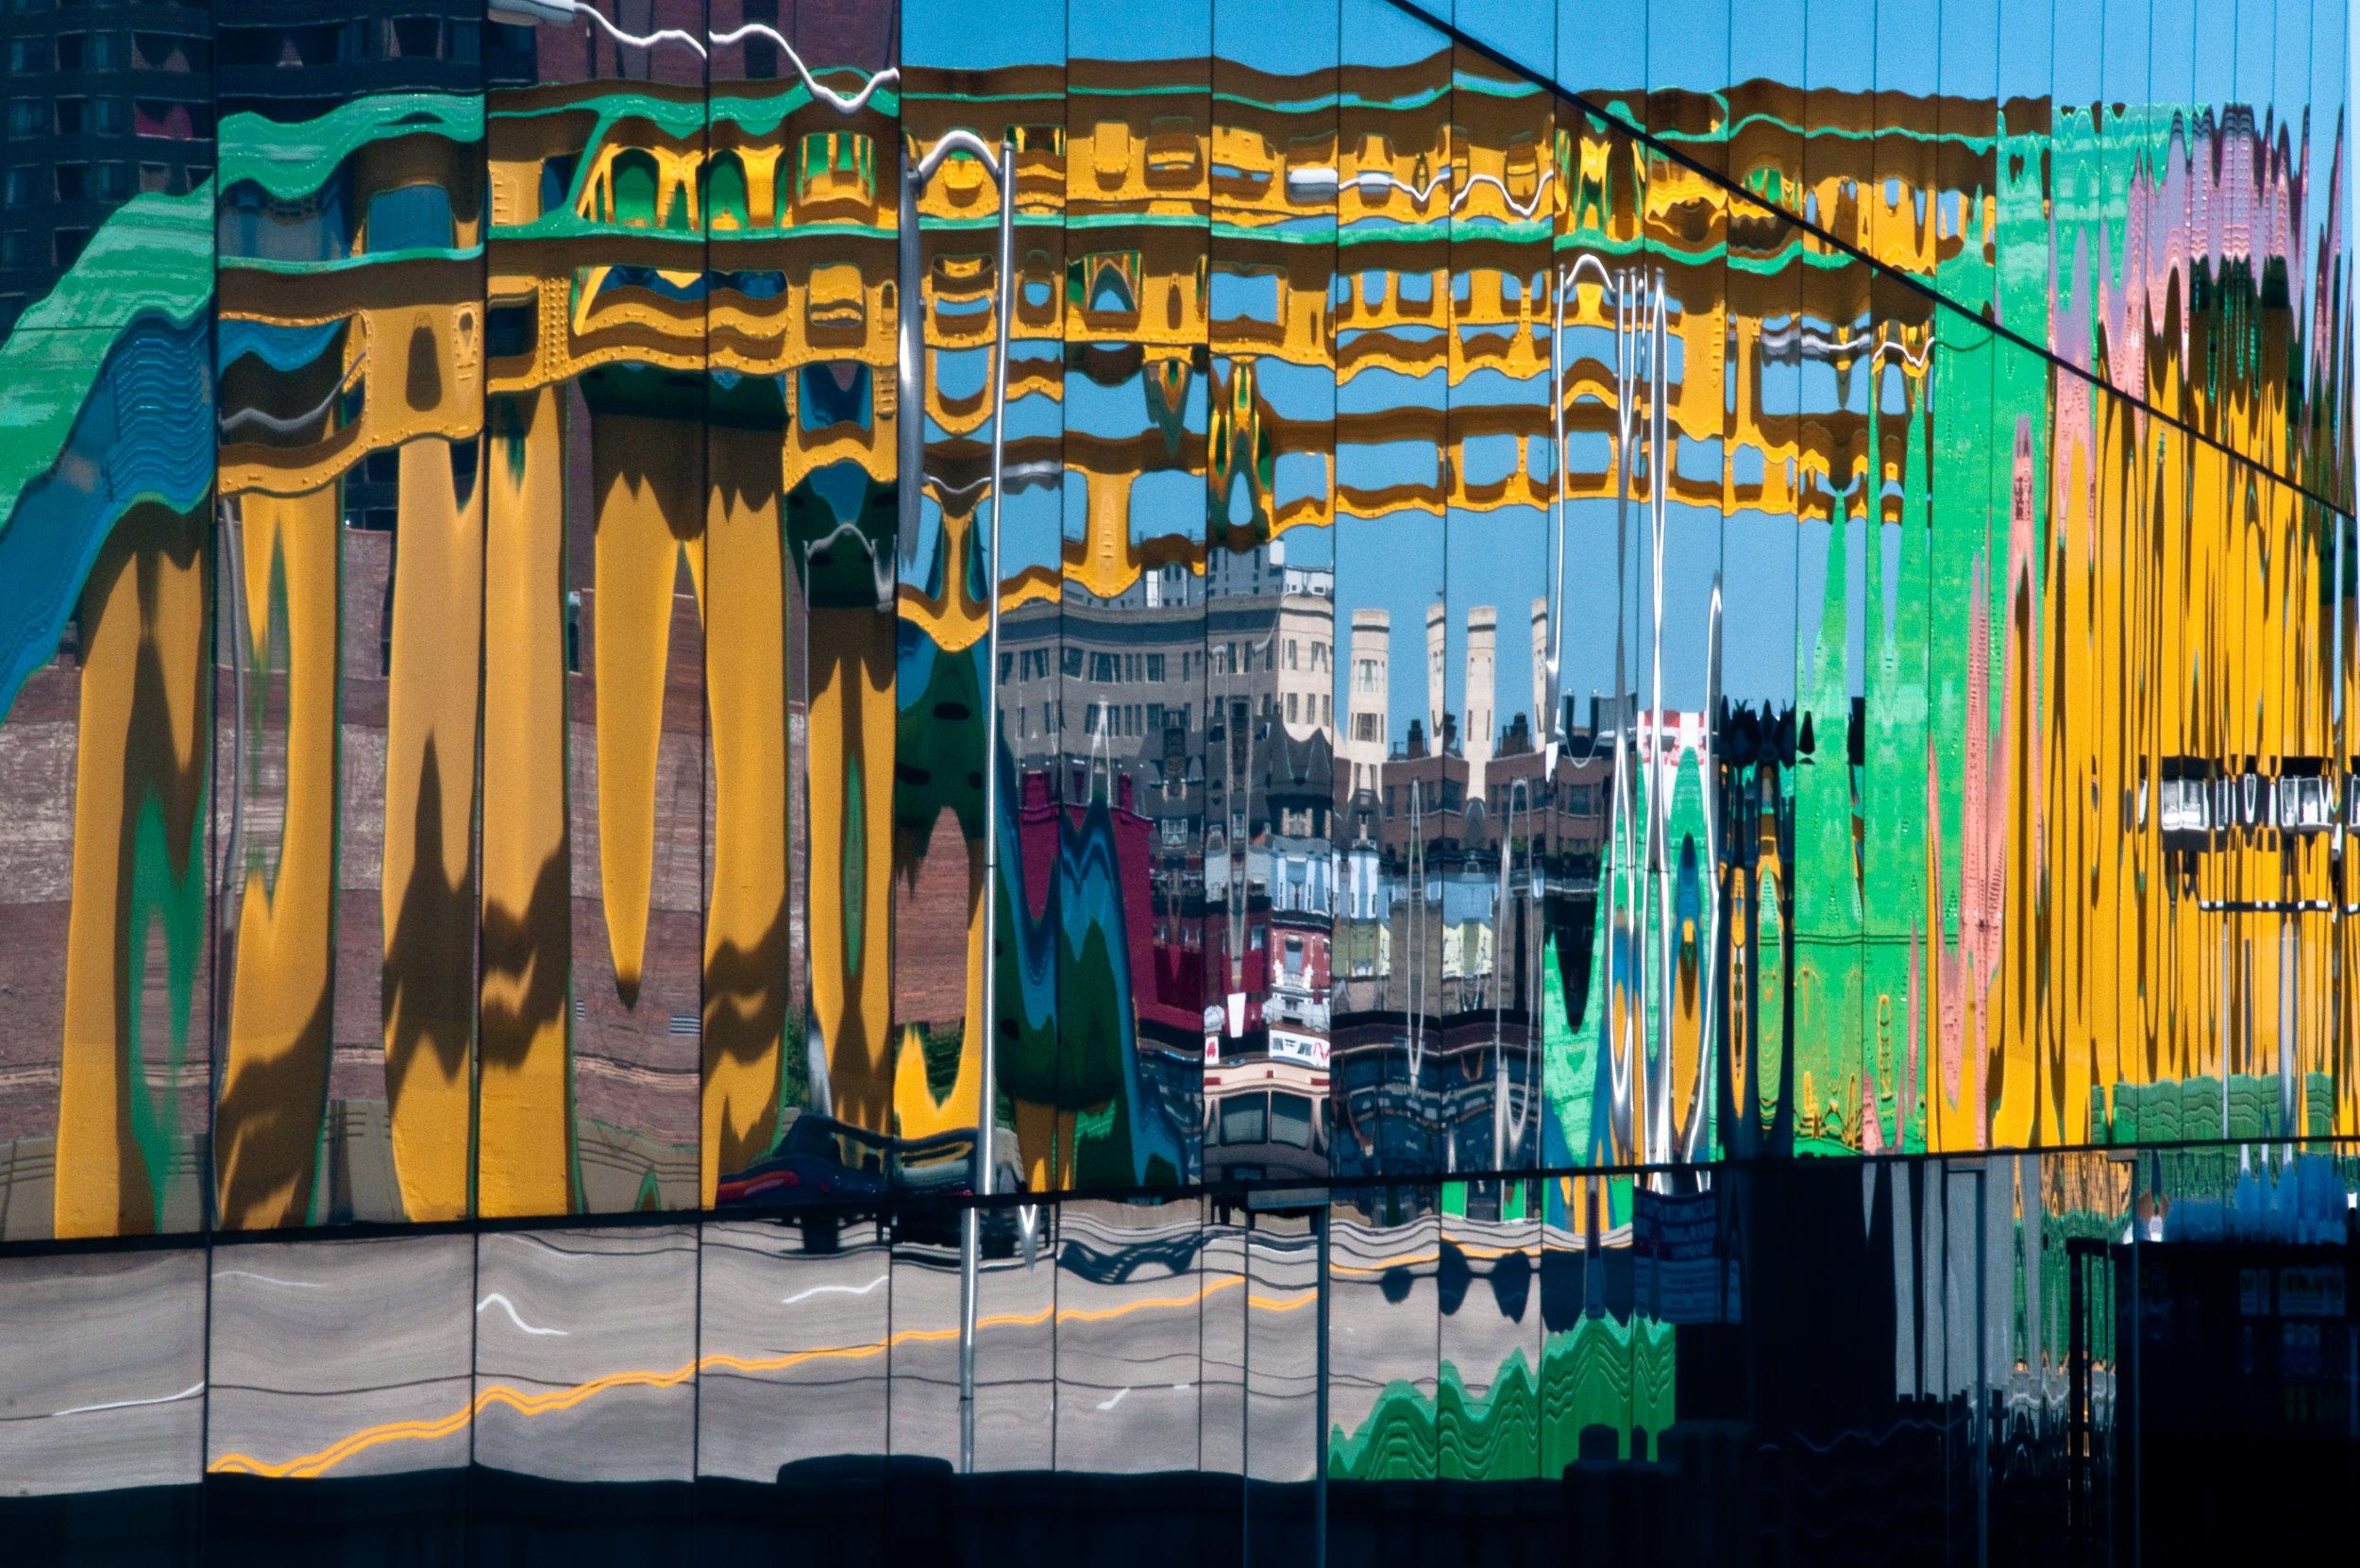 Bridge Quake - Baltimore - 2010